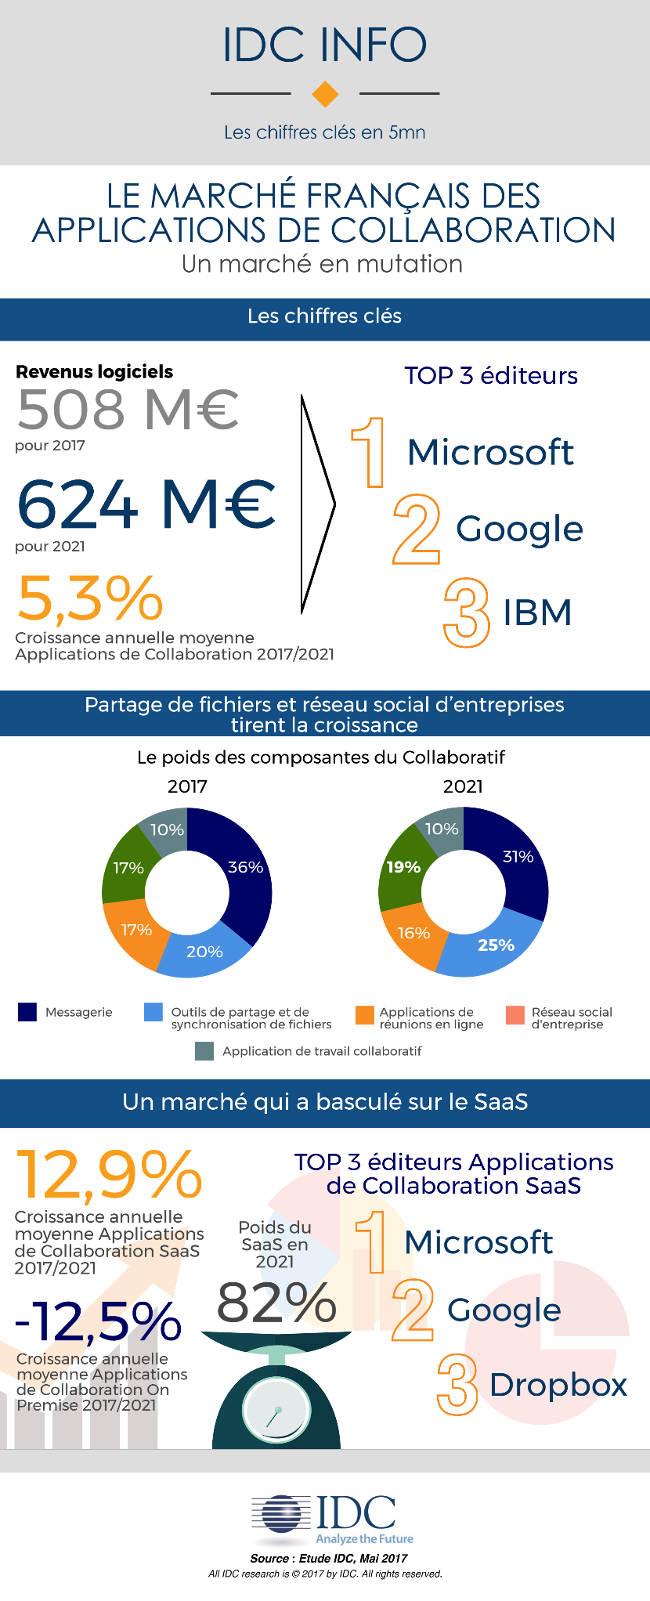 Le marché français des applications de collaboration